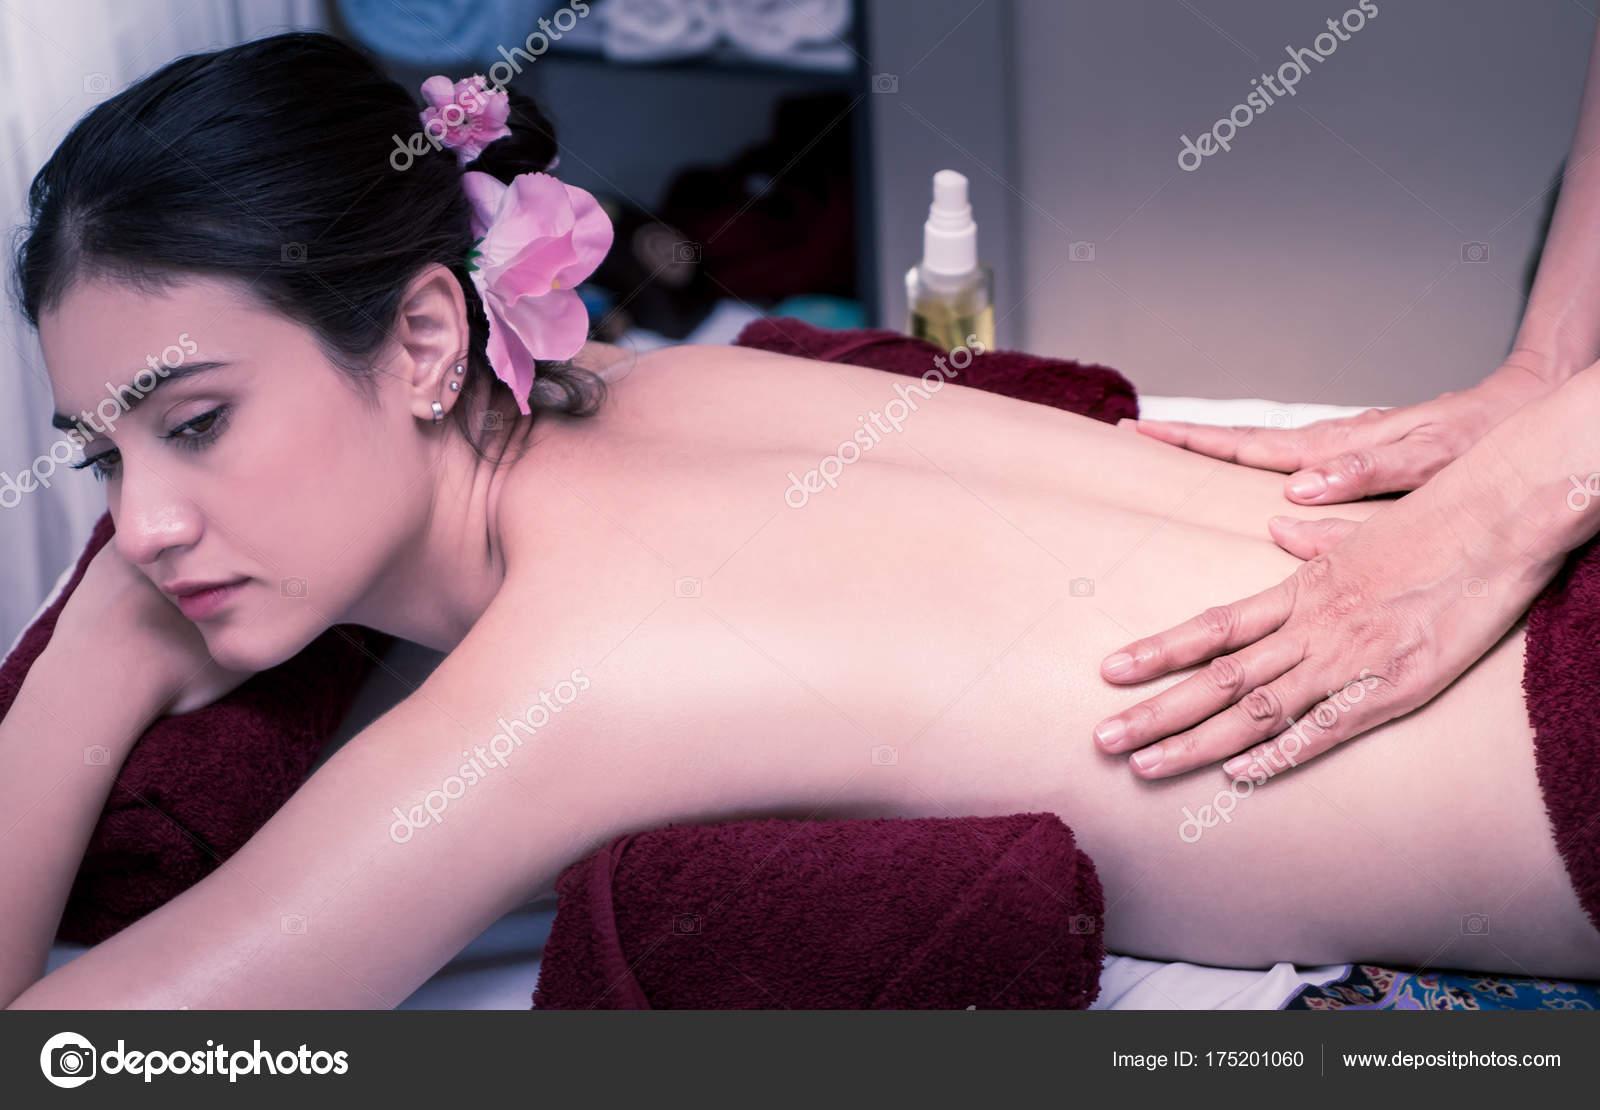 naked-women-oil-massages